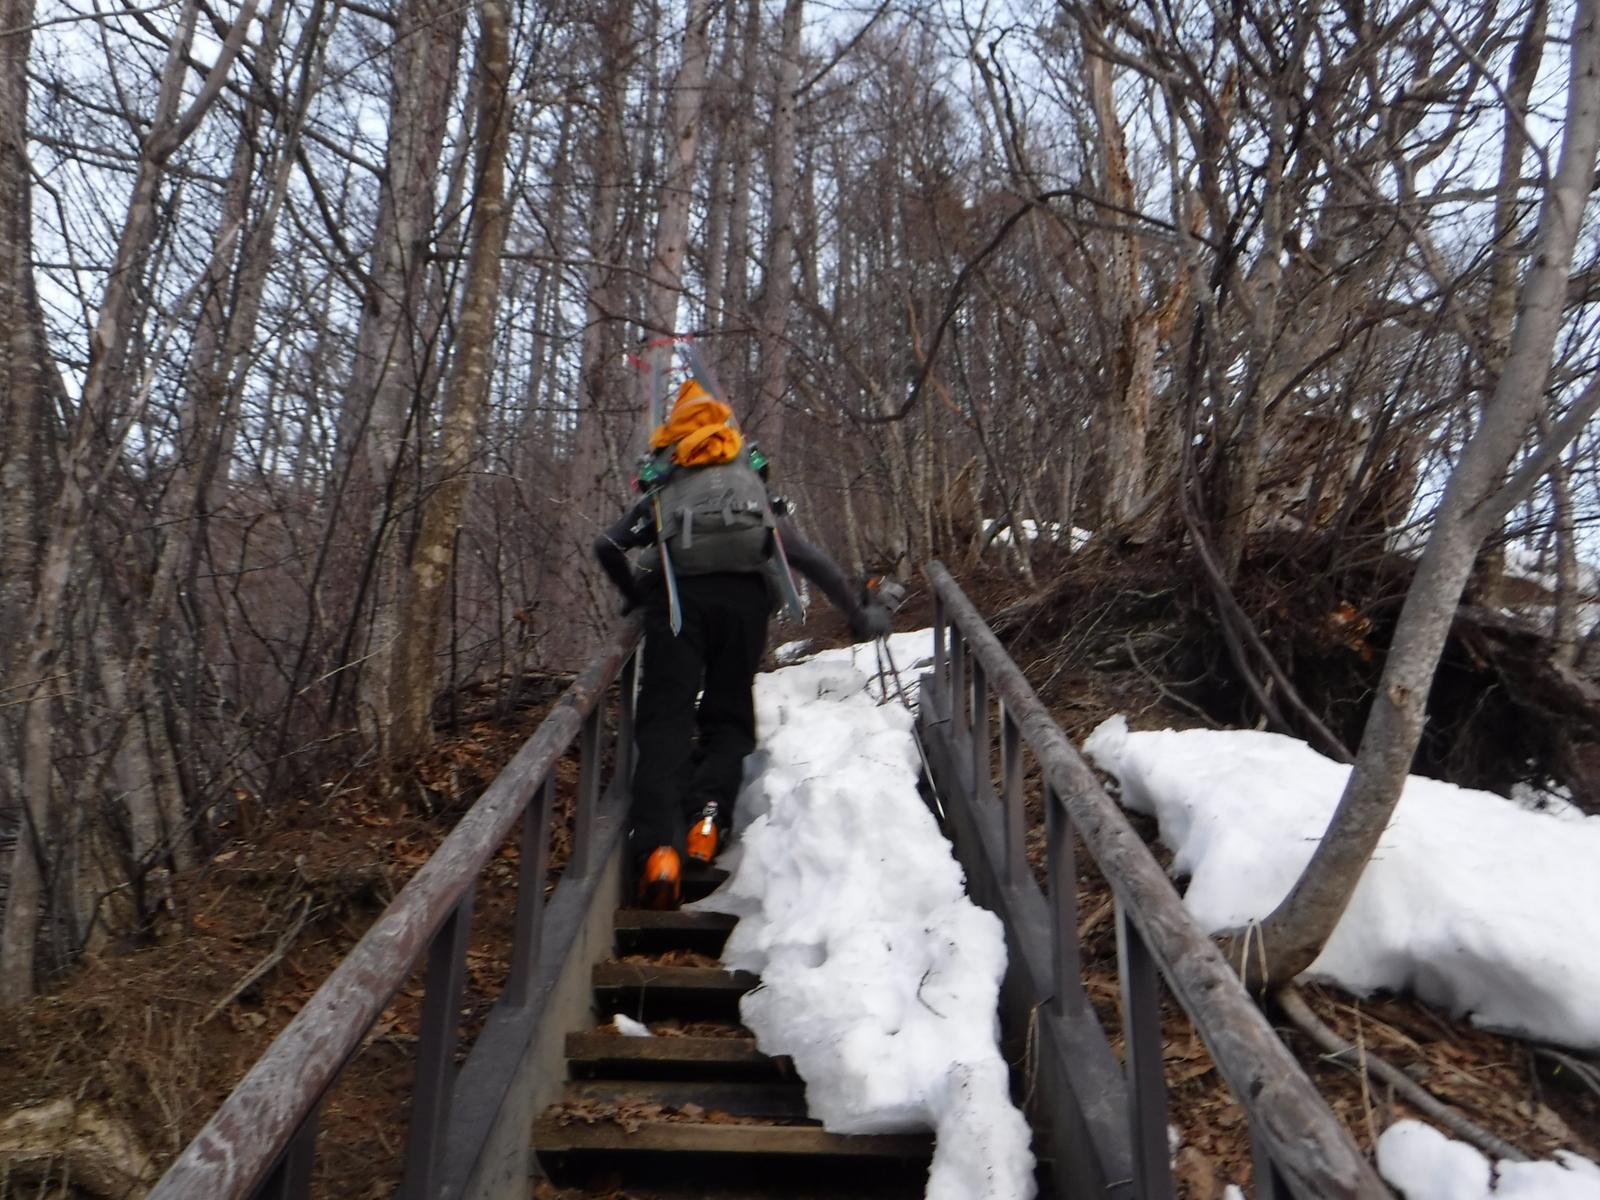 6:10 林道から登山道への取りつき。ここだけ雪が少ない